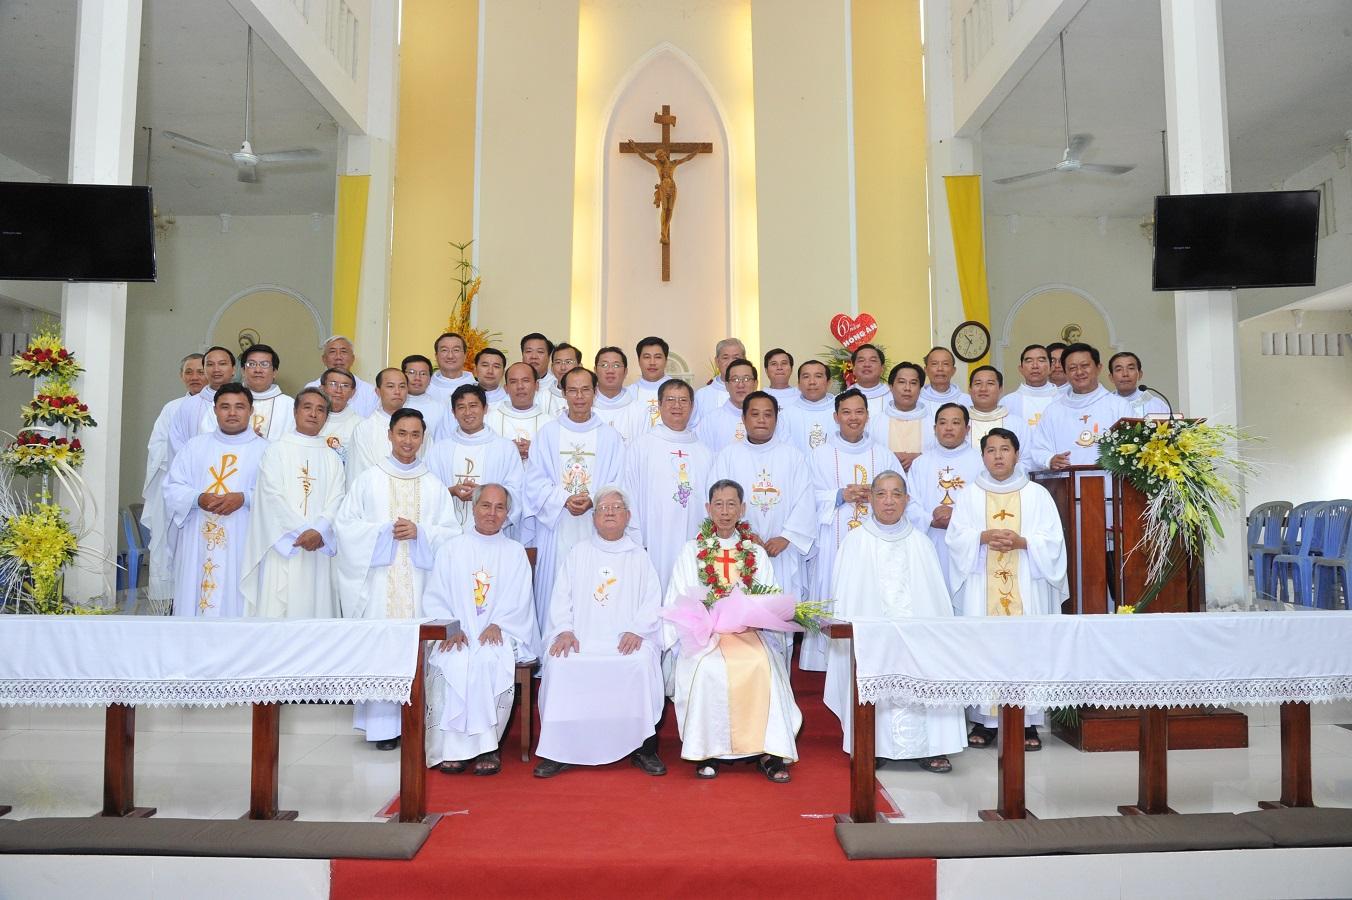 Họ Đạo Bãi Xan :Thánh Lễ tạ ơn Ngọc Khánh của linh mục Phaolô Nguyễn Văn Thãnh